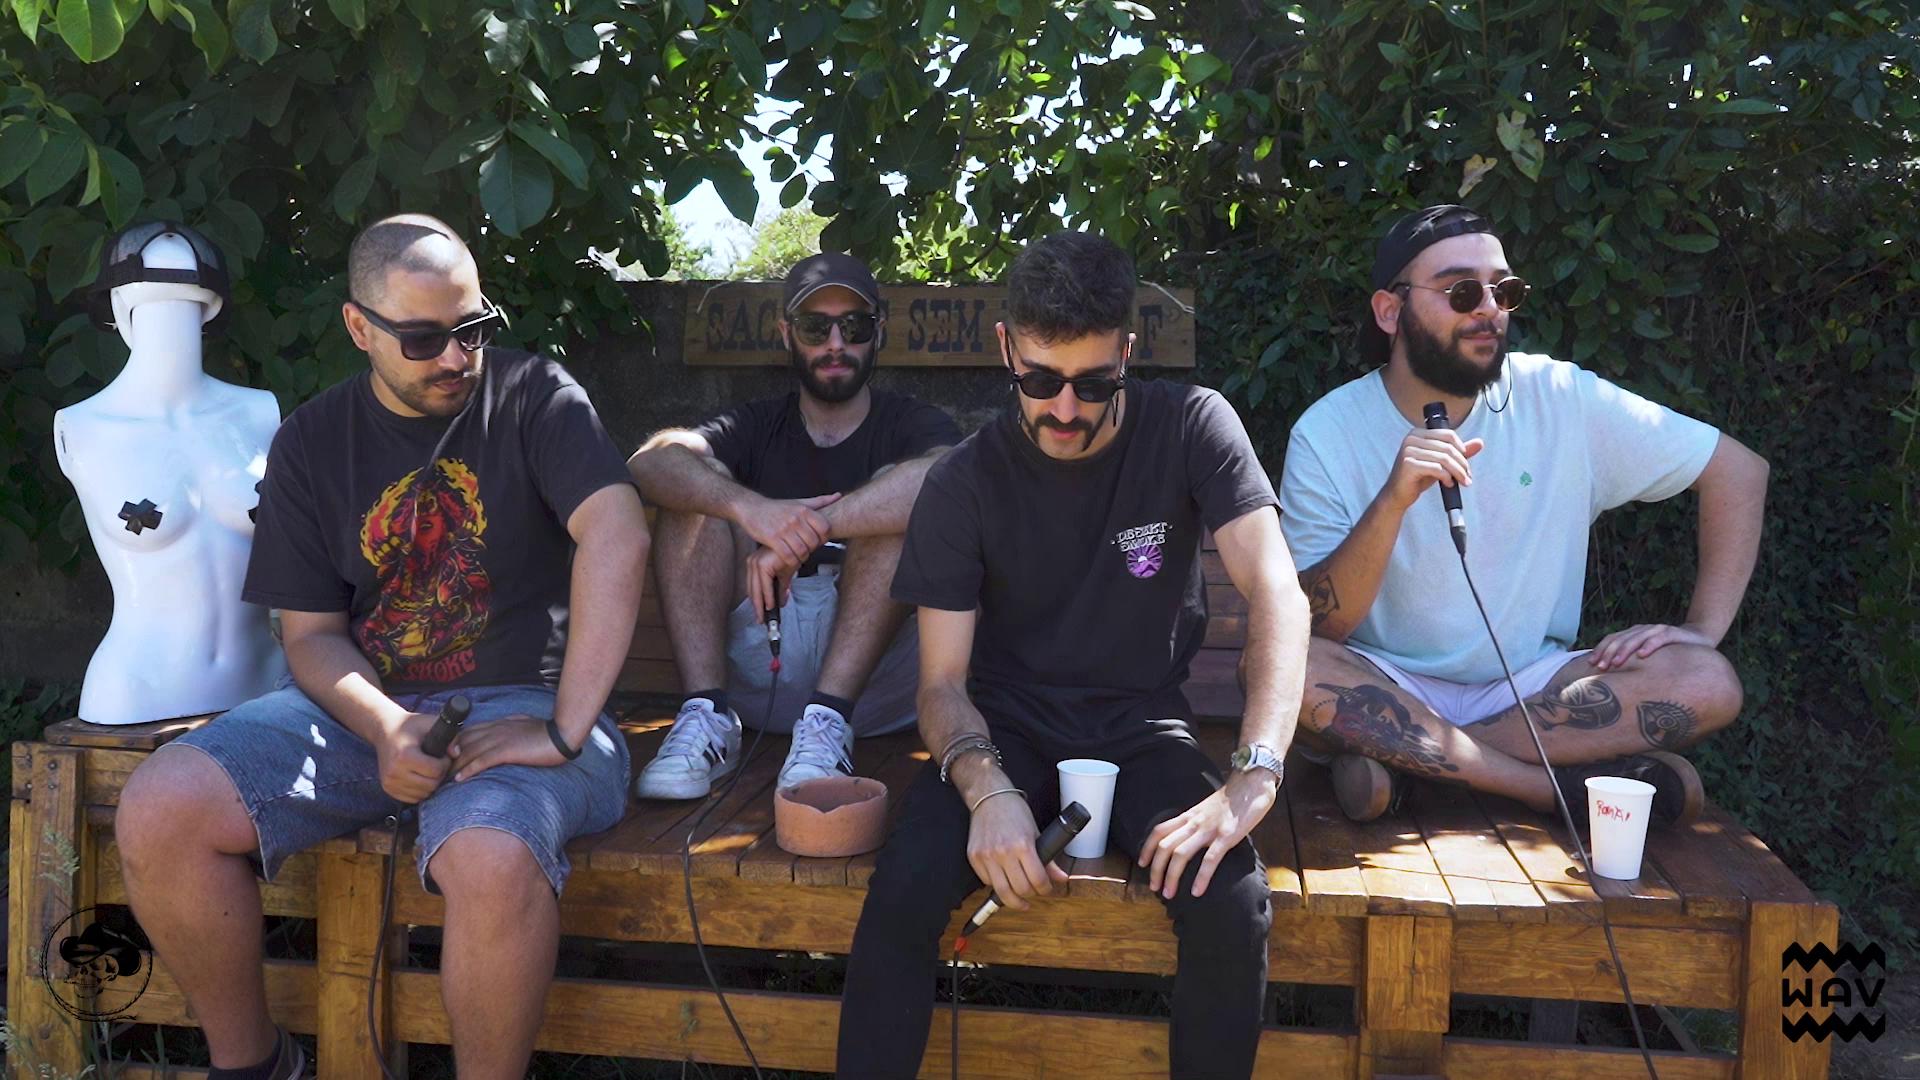 EVOKE COLLECTIVE x WAV apresentam Sacanas Sem Layoff - Desert'Smoke em Entrevista